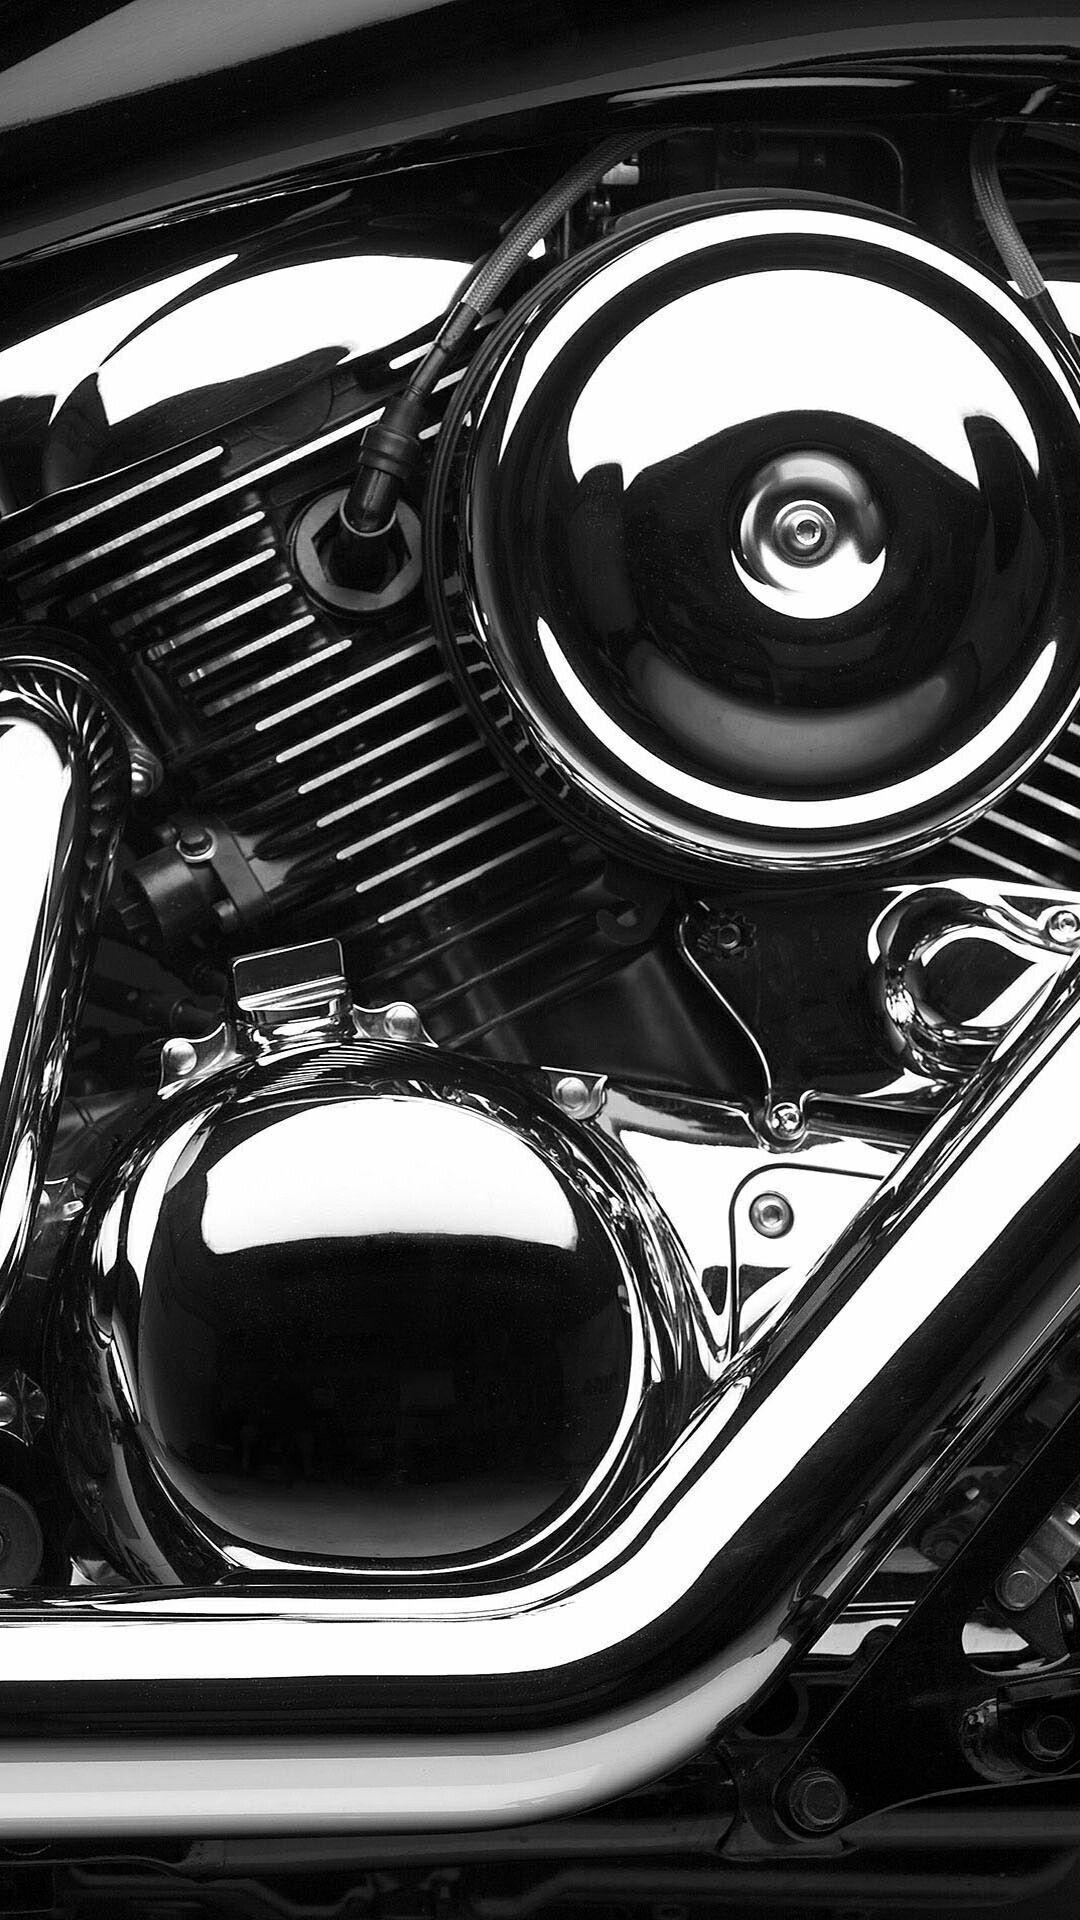 Wallpaper Mesin Motor 3d